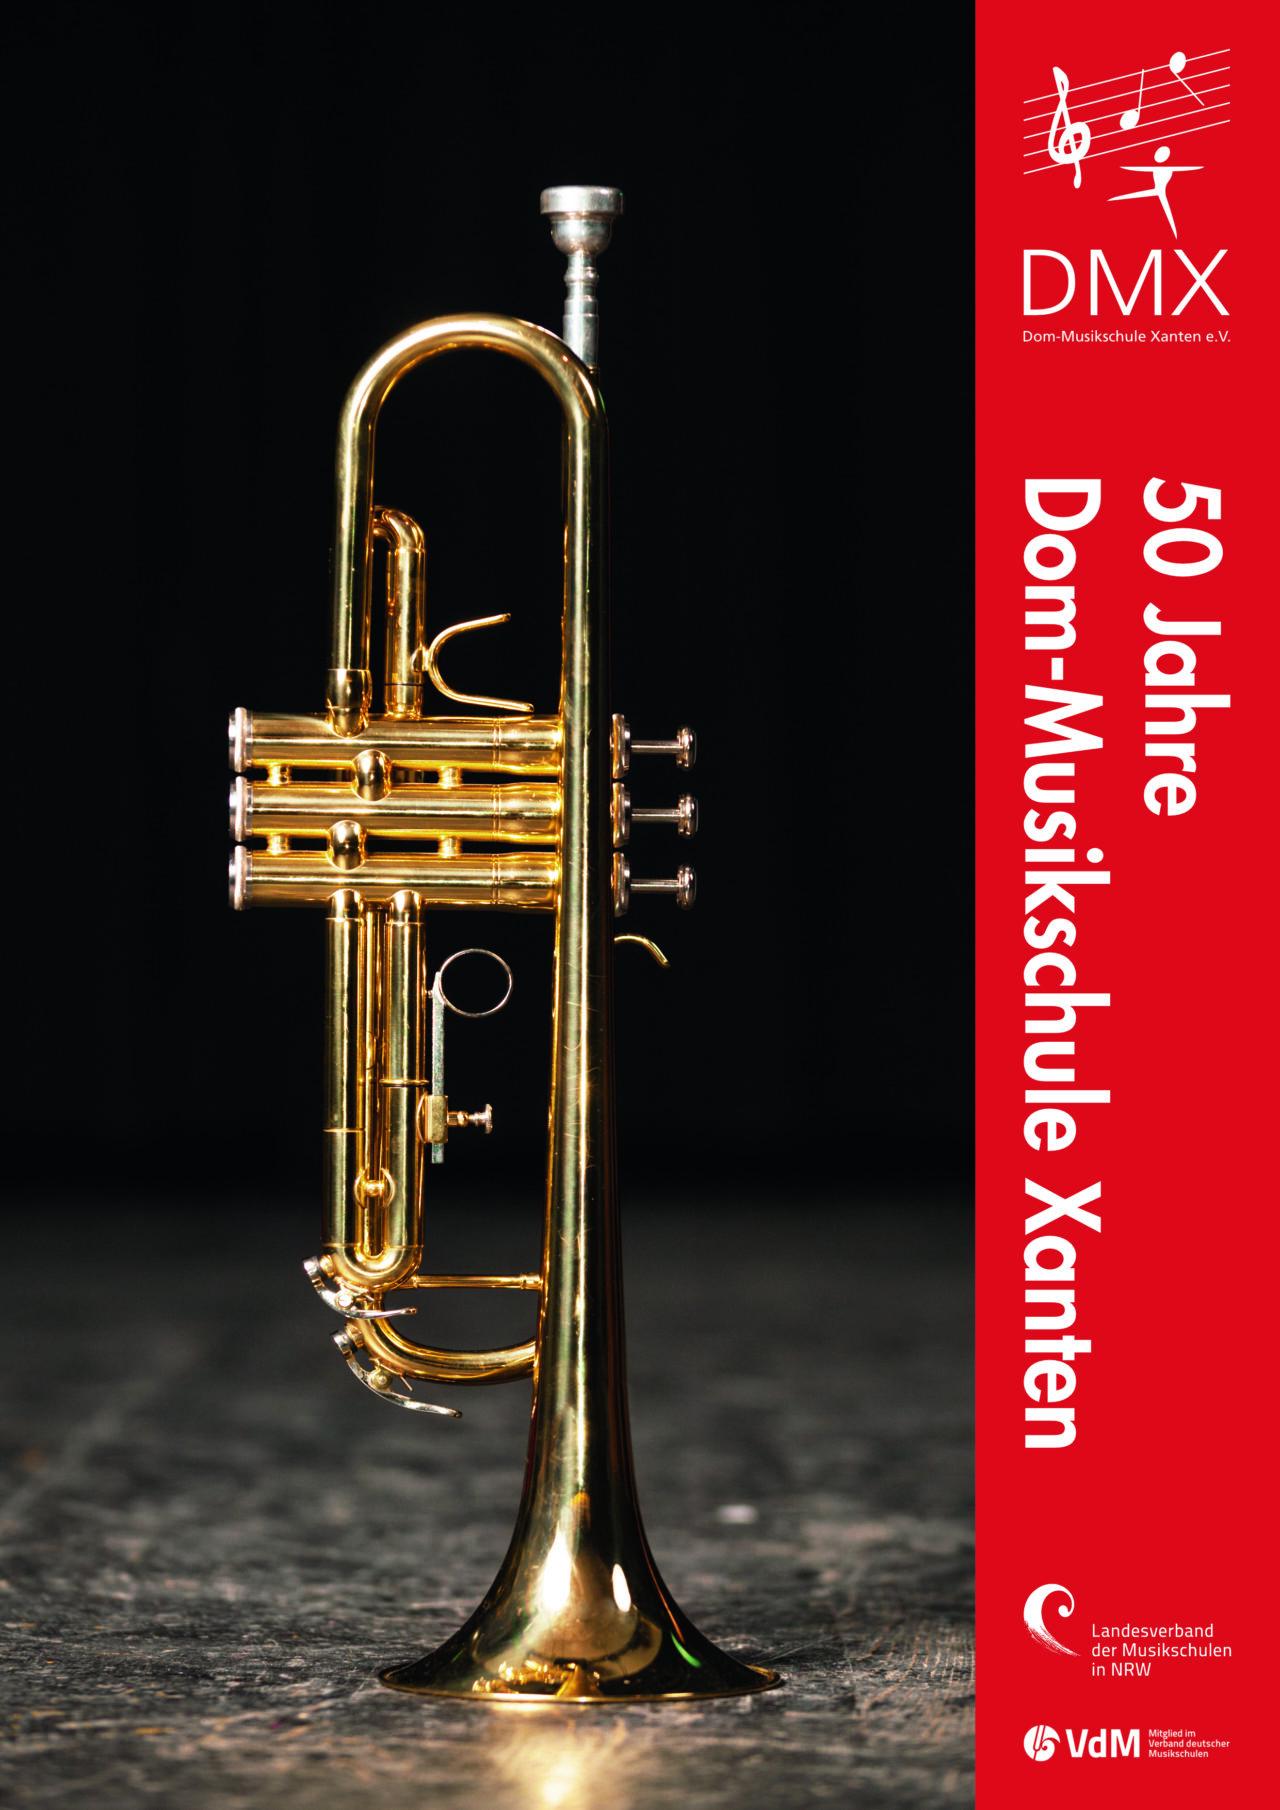 https://dom-musikschule.de/wp-content/uploads/2020/08/Broschuere-FINAL_1-1280x1810.jpg